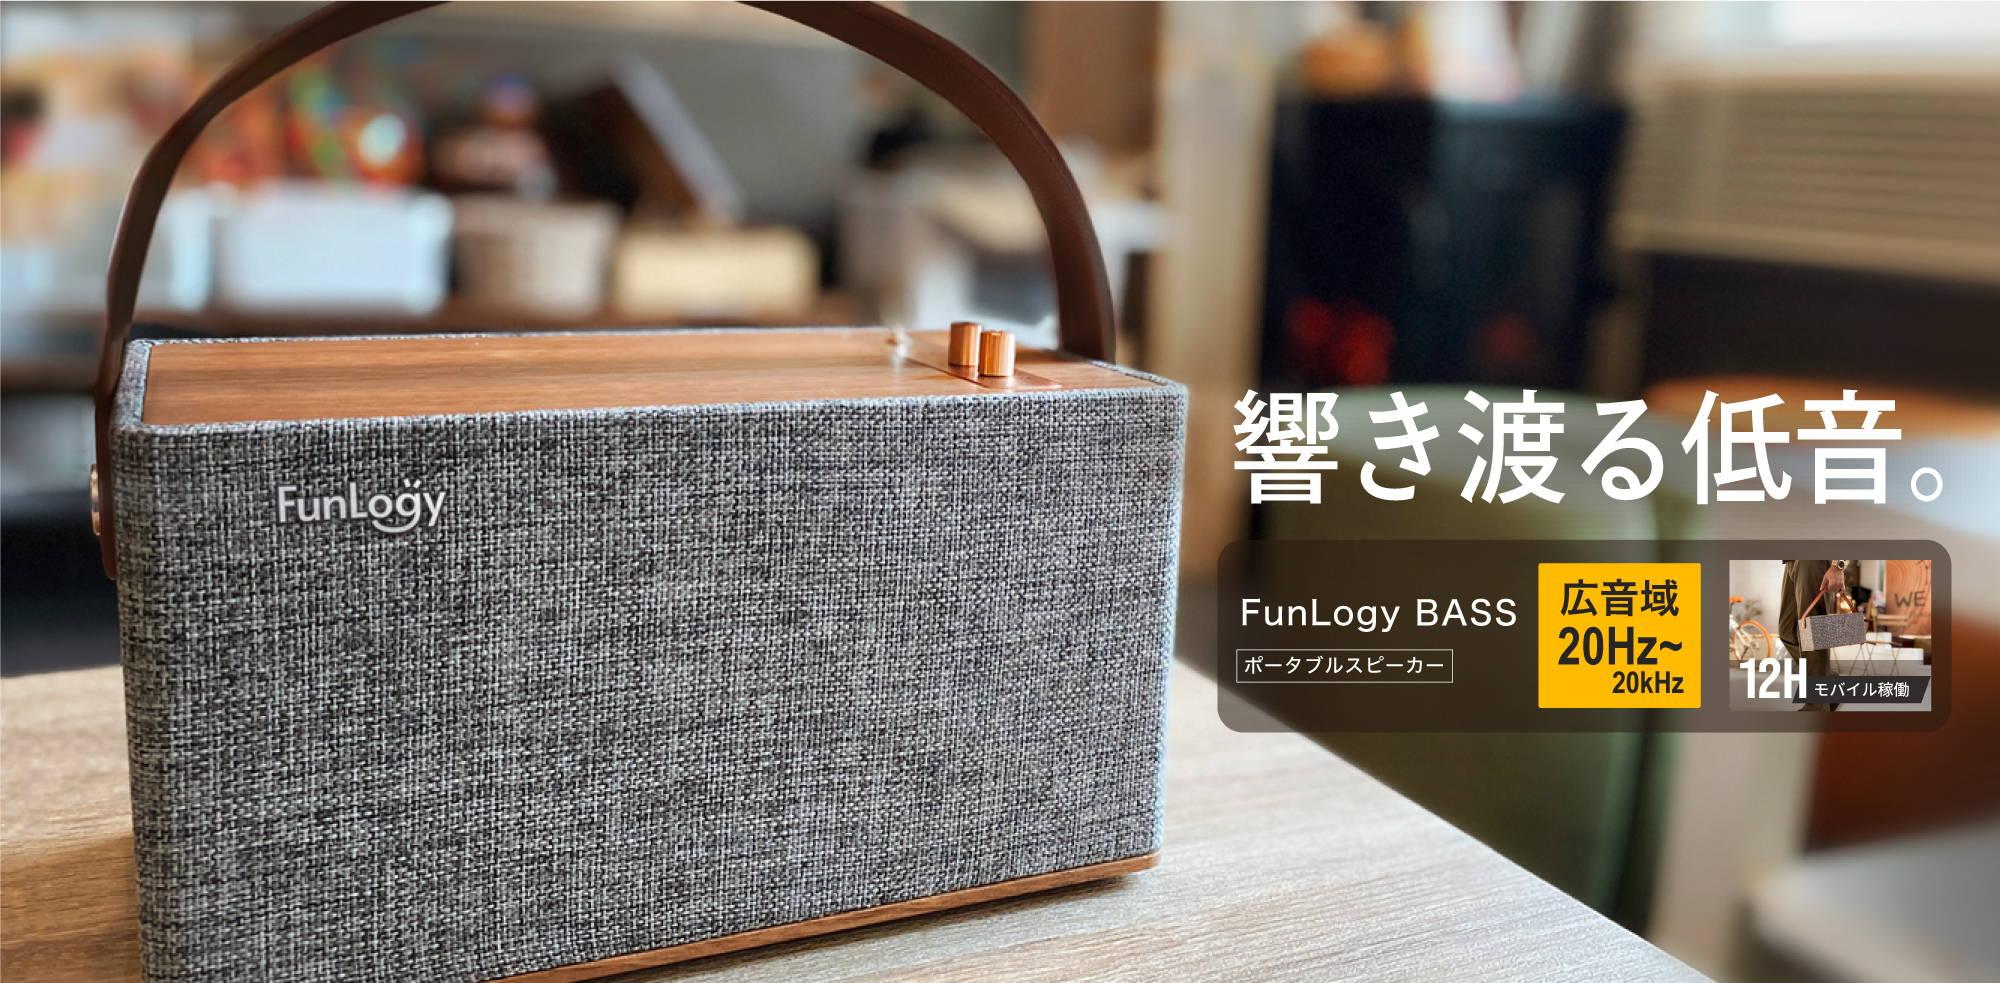 机の上のスピーカー FunLogy BASS